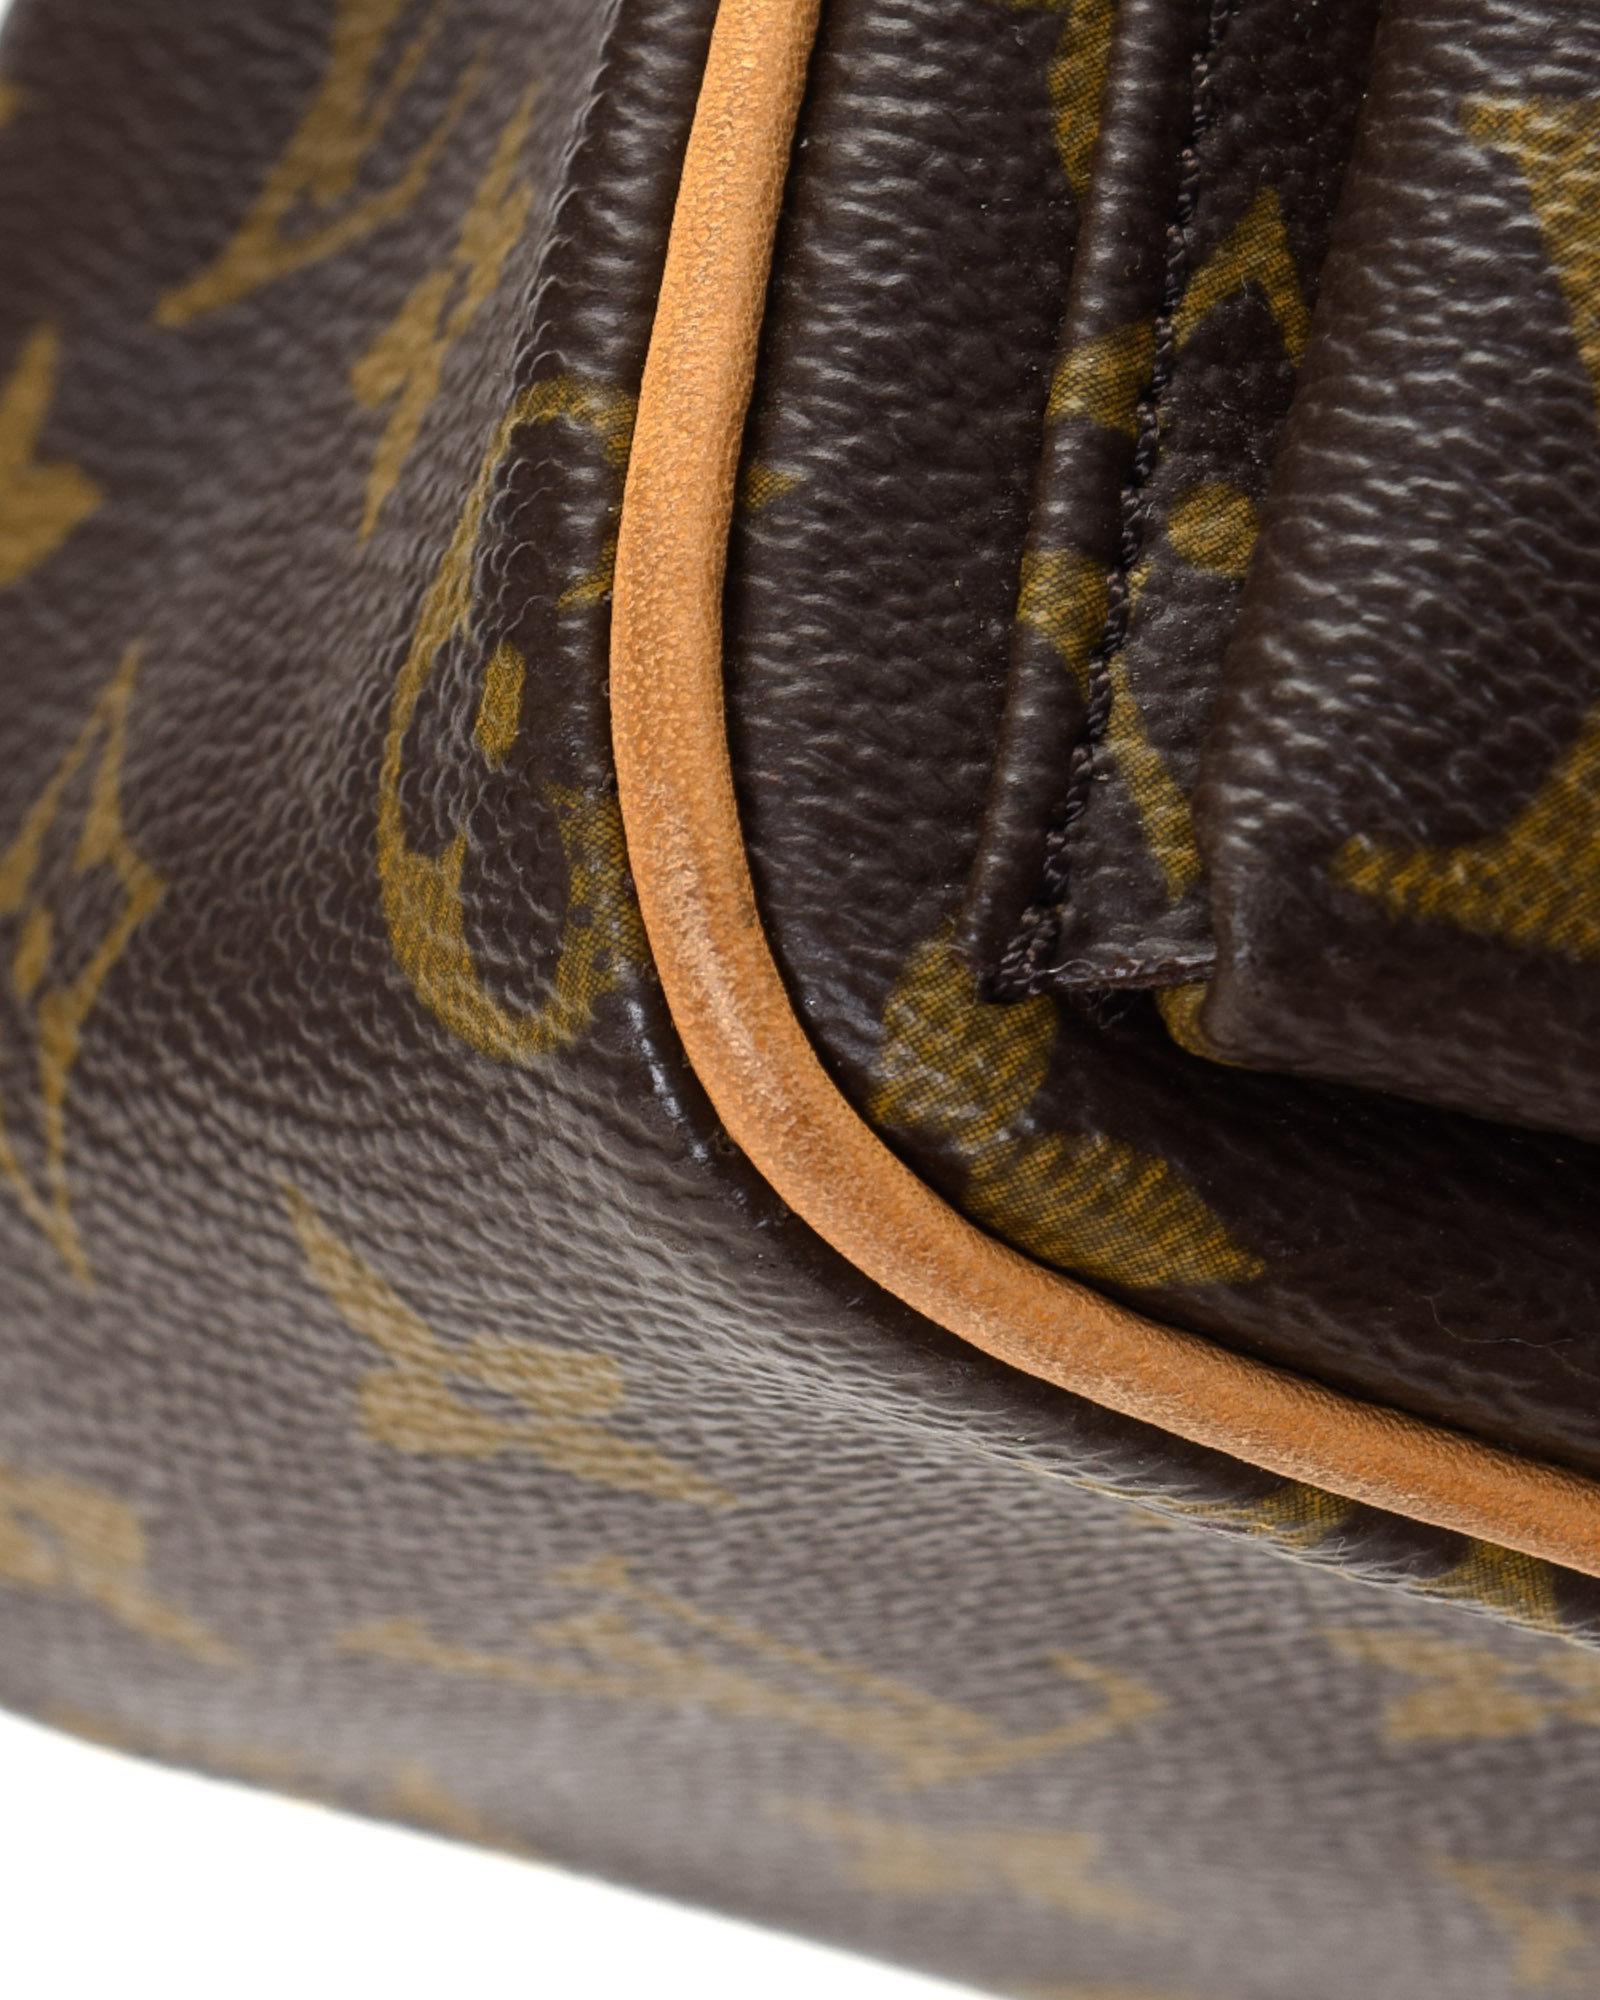 d4109fec0d13 Lyst - Louis Vuitton Viva Cite Monogram Shoulder Bag - Vintage in Brown